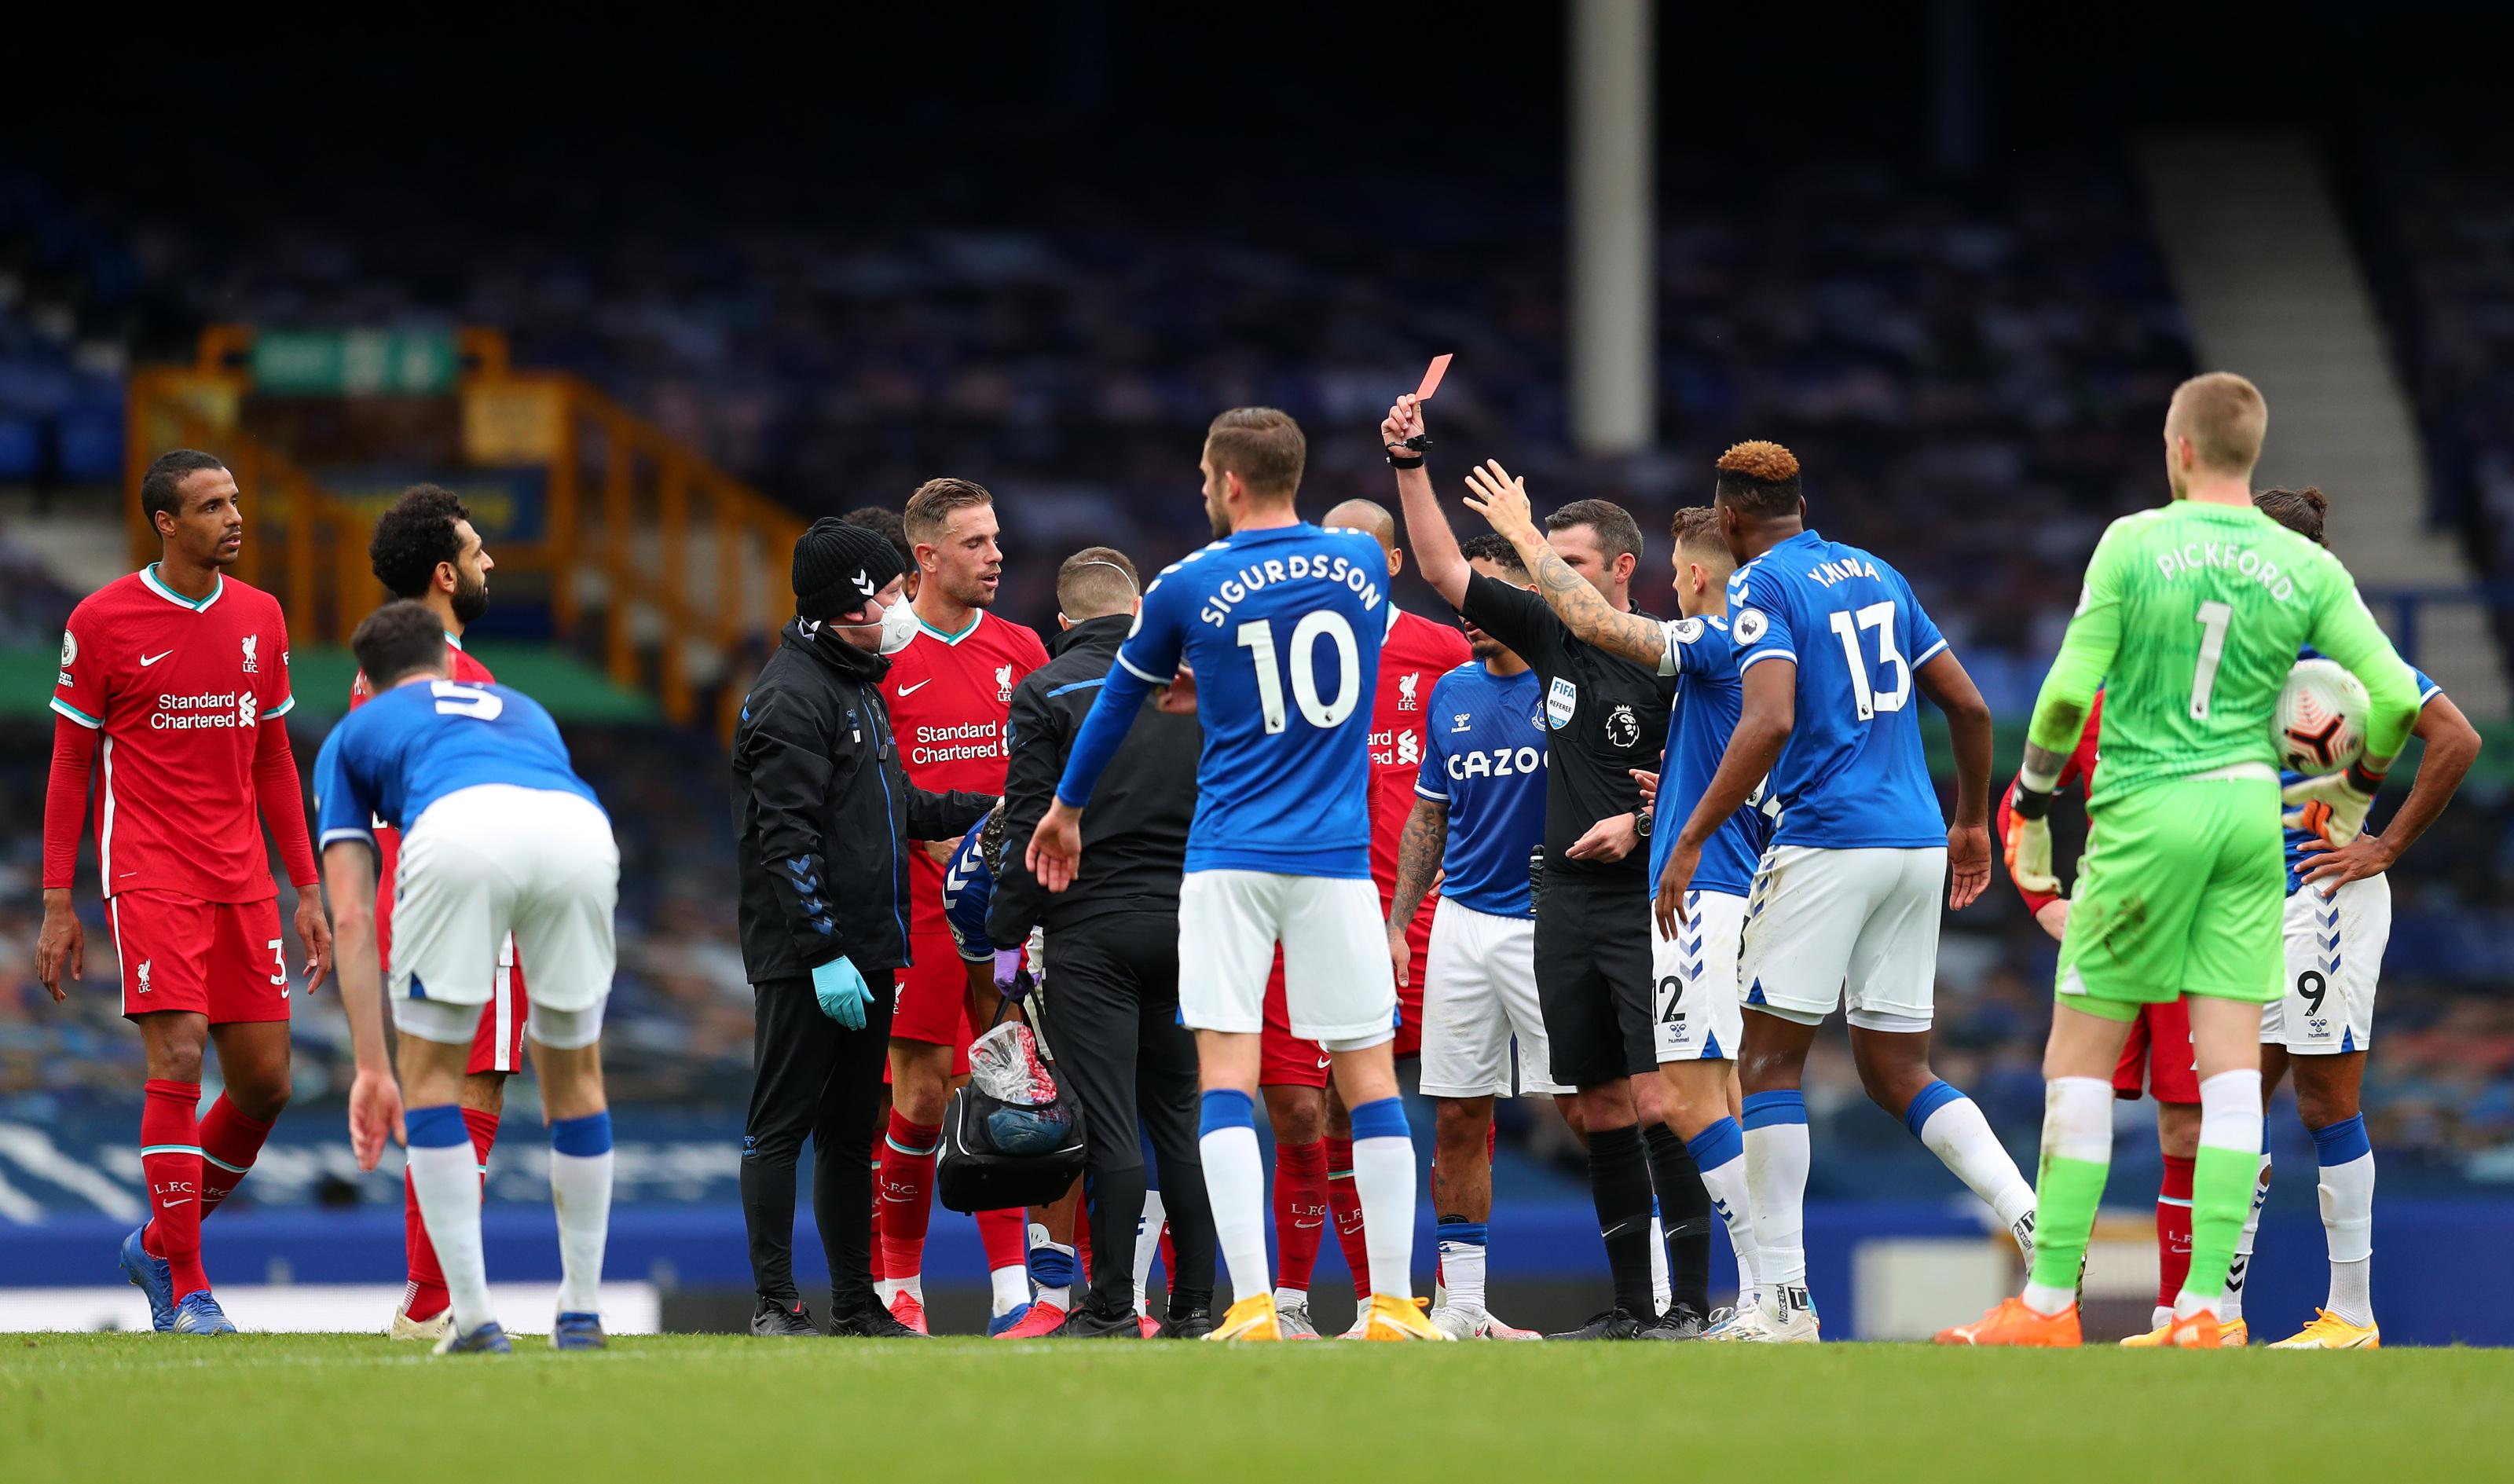 El derbi entre Everton y Liverpool terminó en empate (2-2)